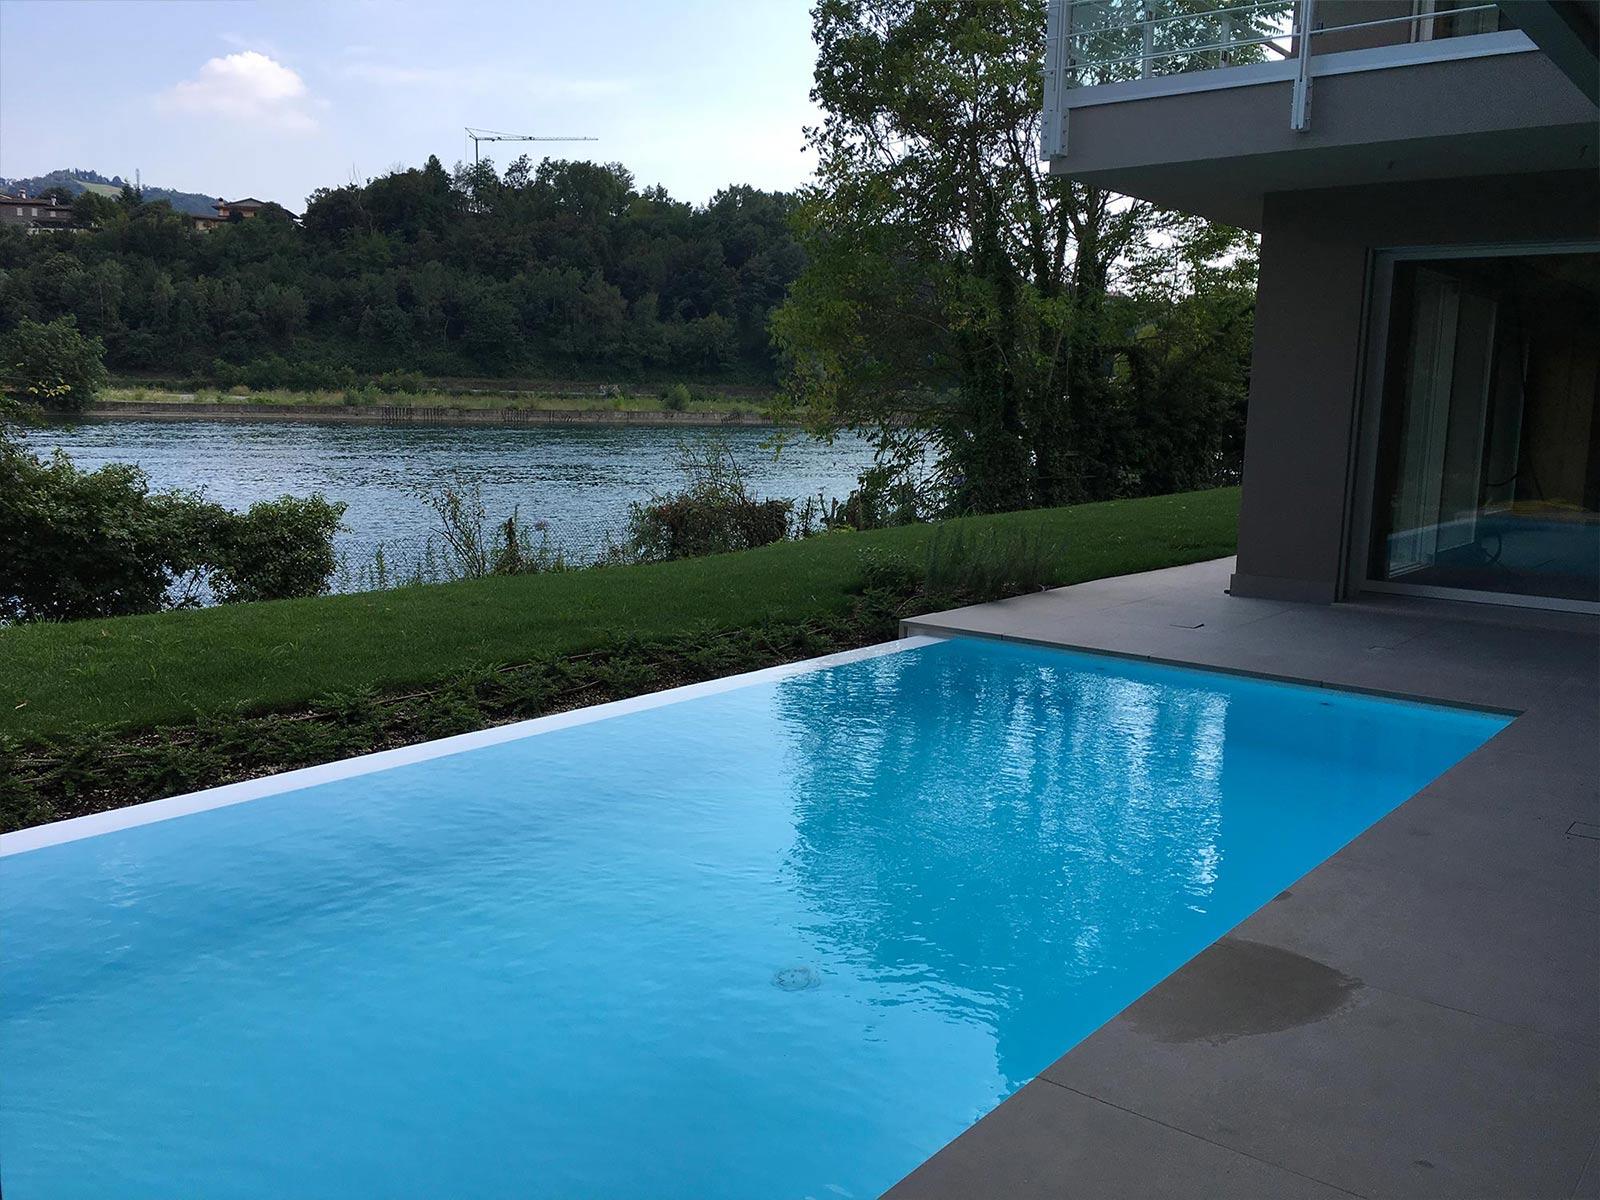 piscina a sfioro a cascata